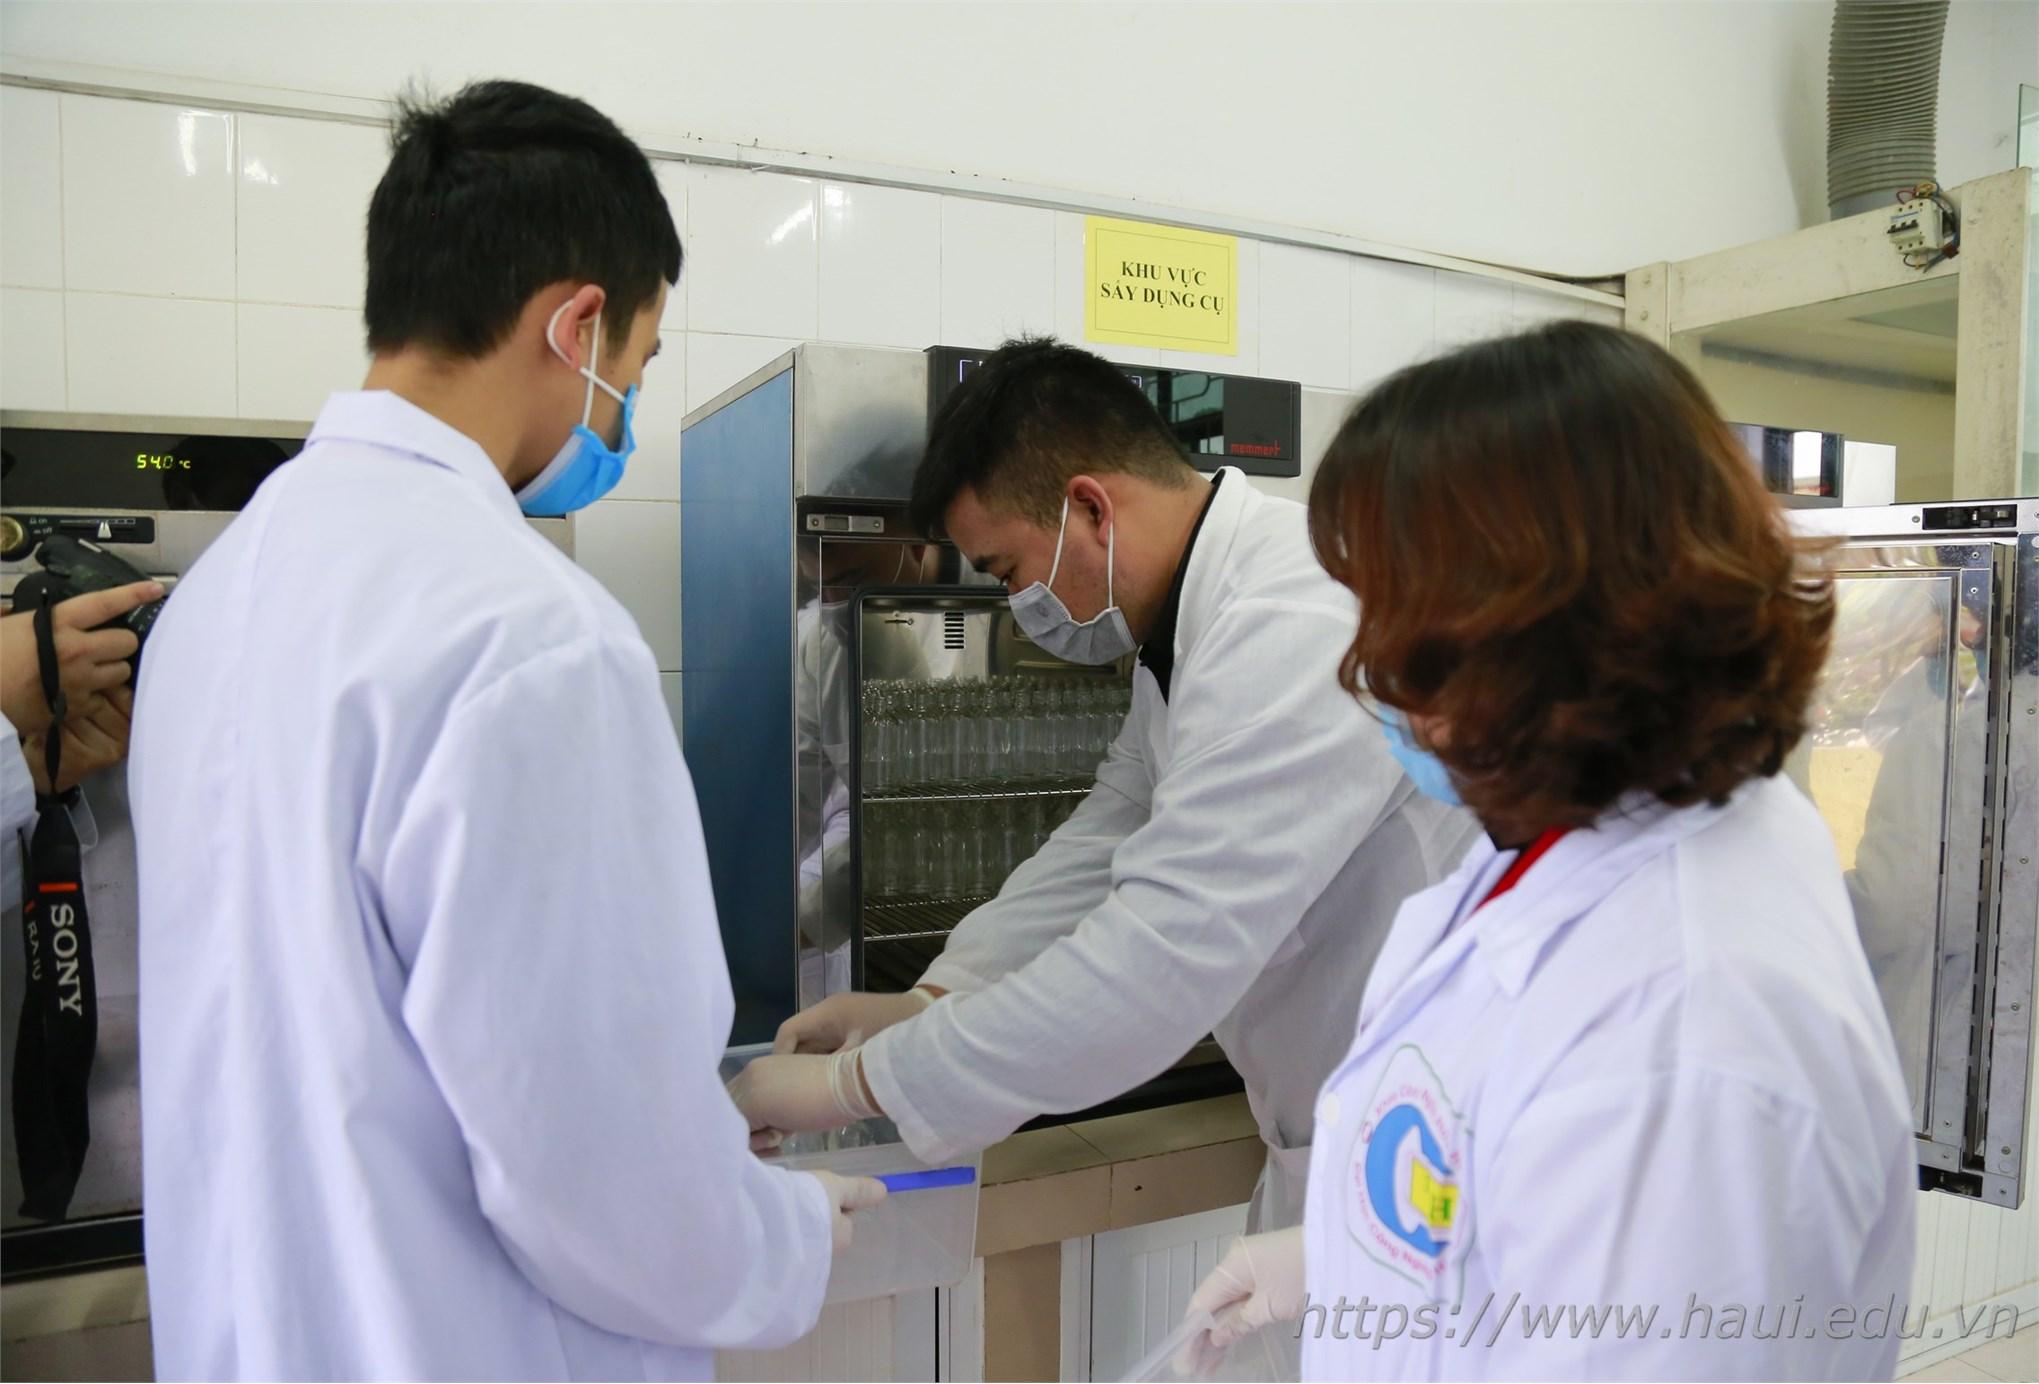 Đại học Công nghiệp Hà Nội sản xuất dung dịch phòng chống vi-rút Corona, phát miễn phí cho cán bộ, giảng viên và 30.000 học viên, sinh viên